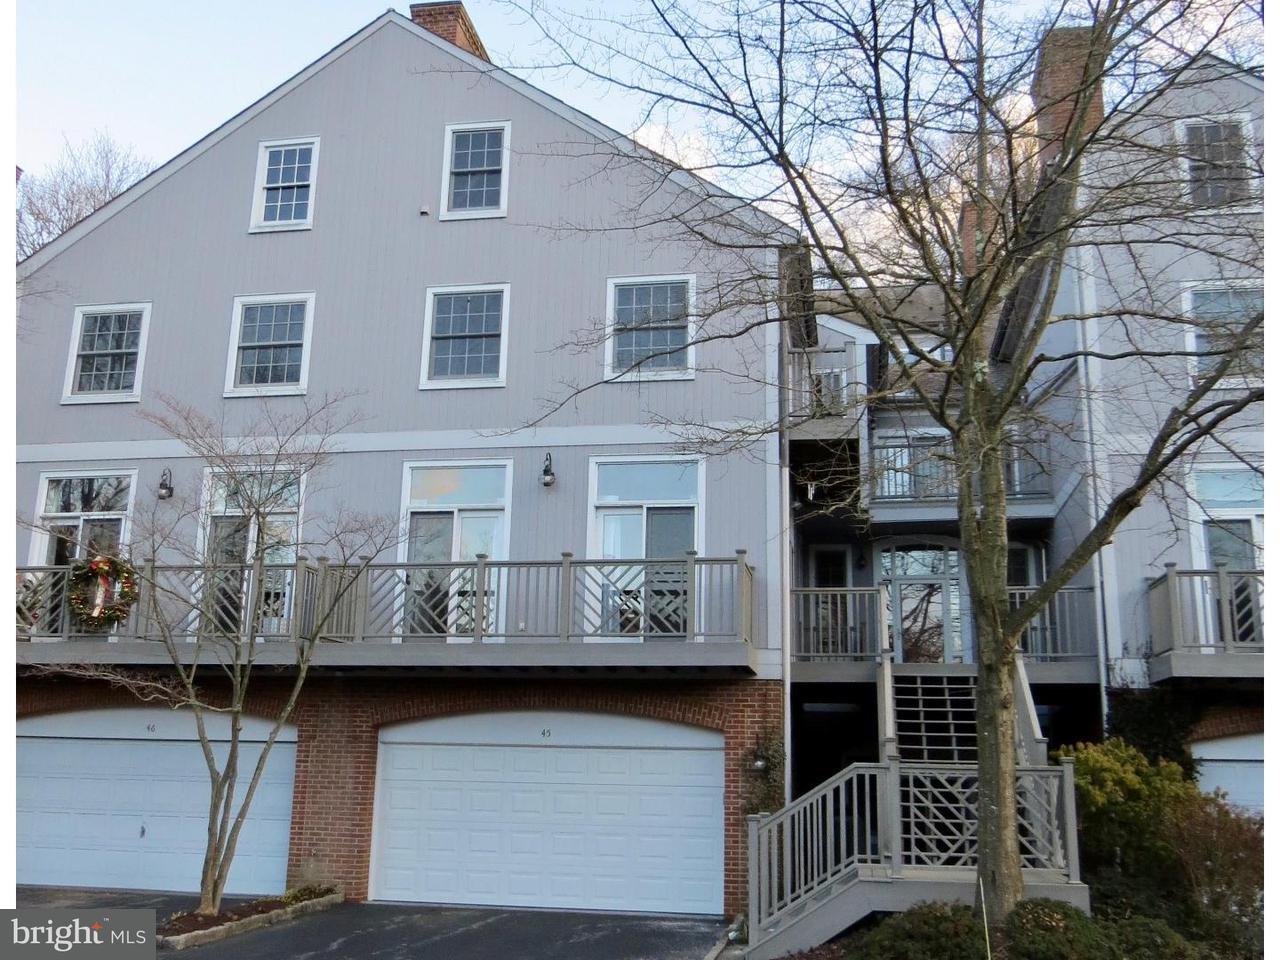 Πολυκατοικία ατομικής ιδιοκτησίας για την Πώληση στο 45 MILLSTONE Lane Rockland, Ντελαγουερ 19732 Ηνωμενεσ Πολιτειεσ